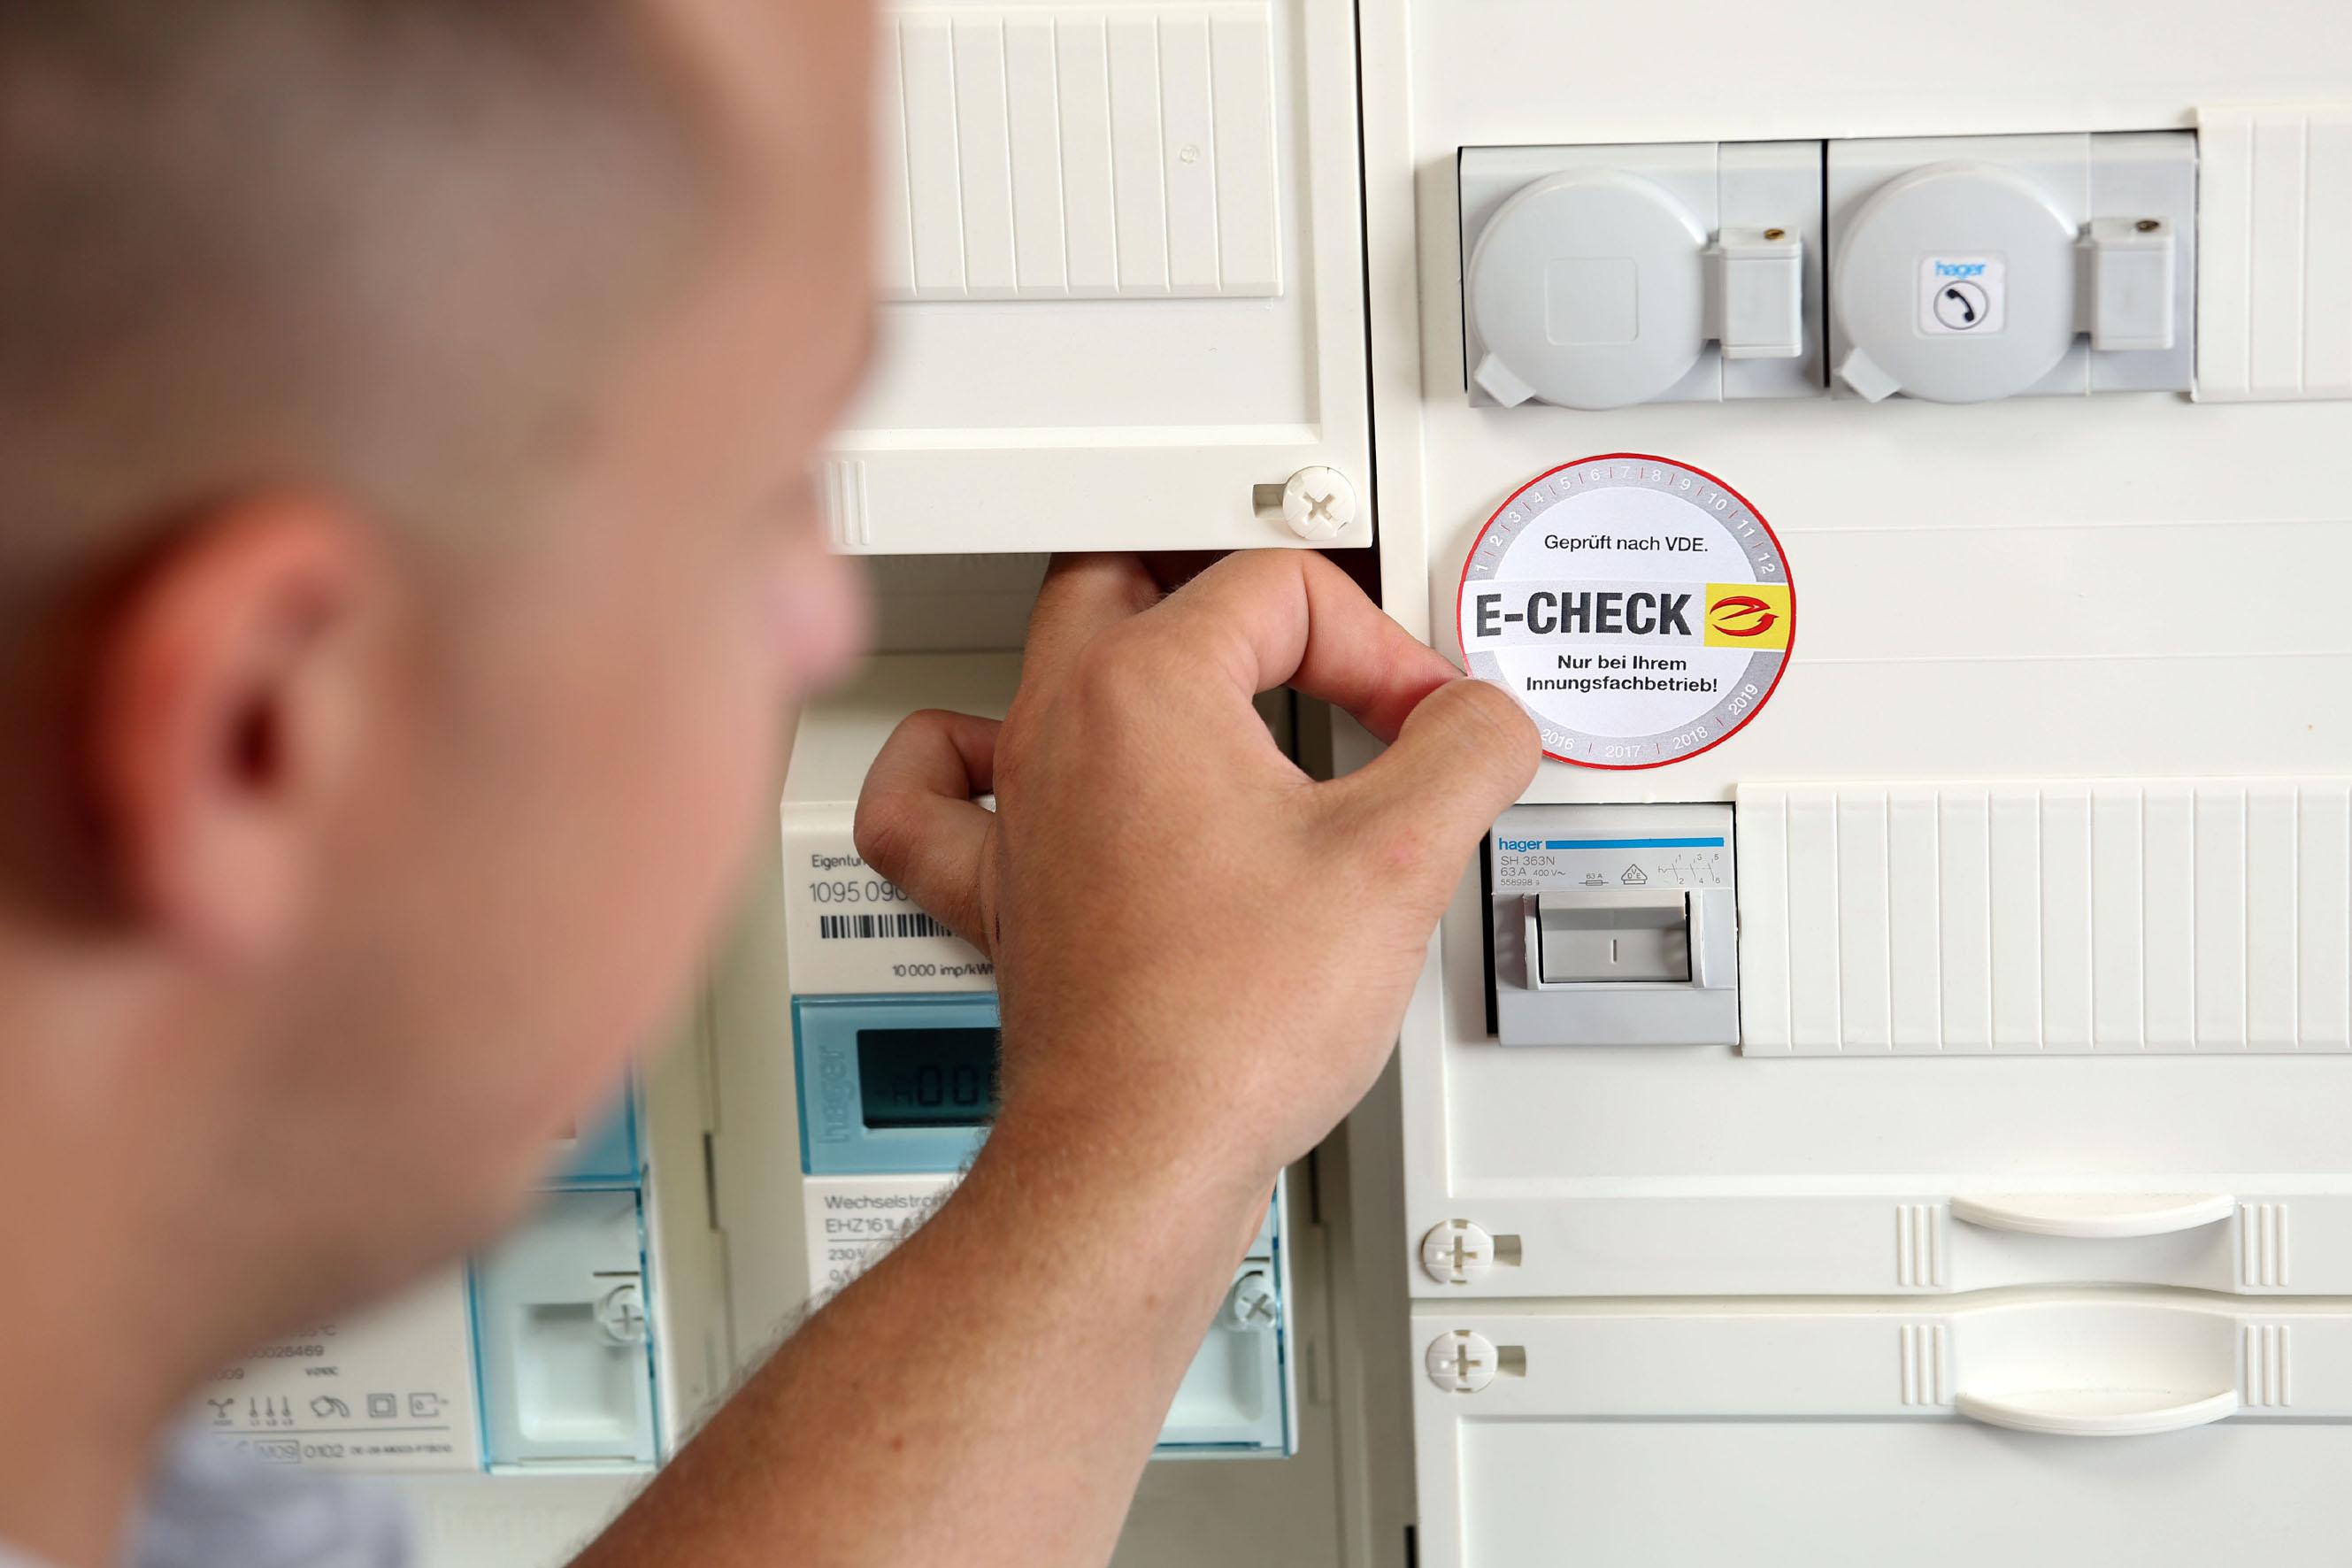 Alte Elektroanlagen regelmäßig prüfen lassen